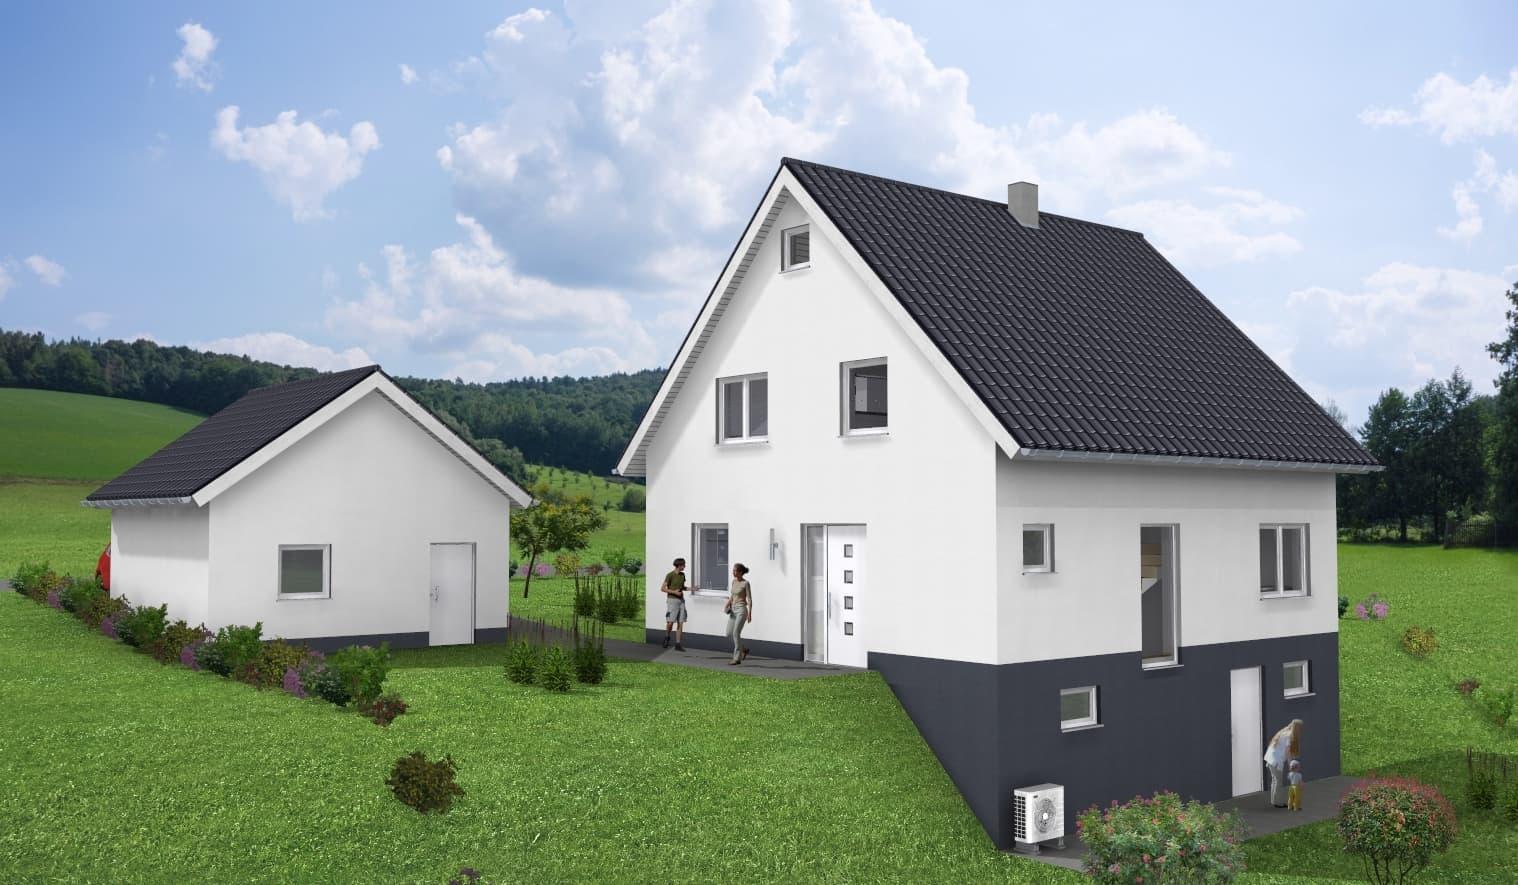 Einfamilienhaus mit Keller in 96337 Ludwigsstadt OT Ottendorf